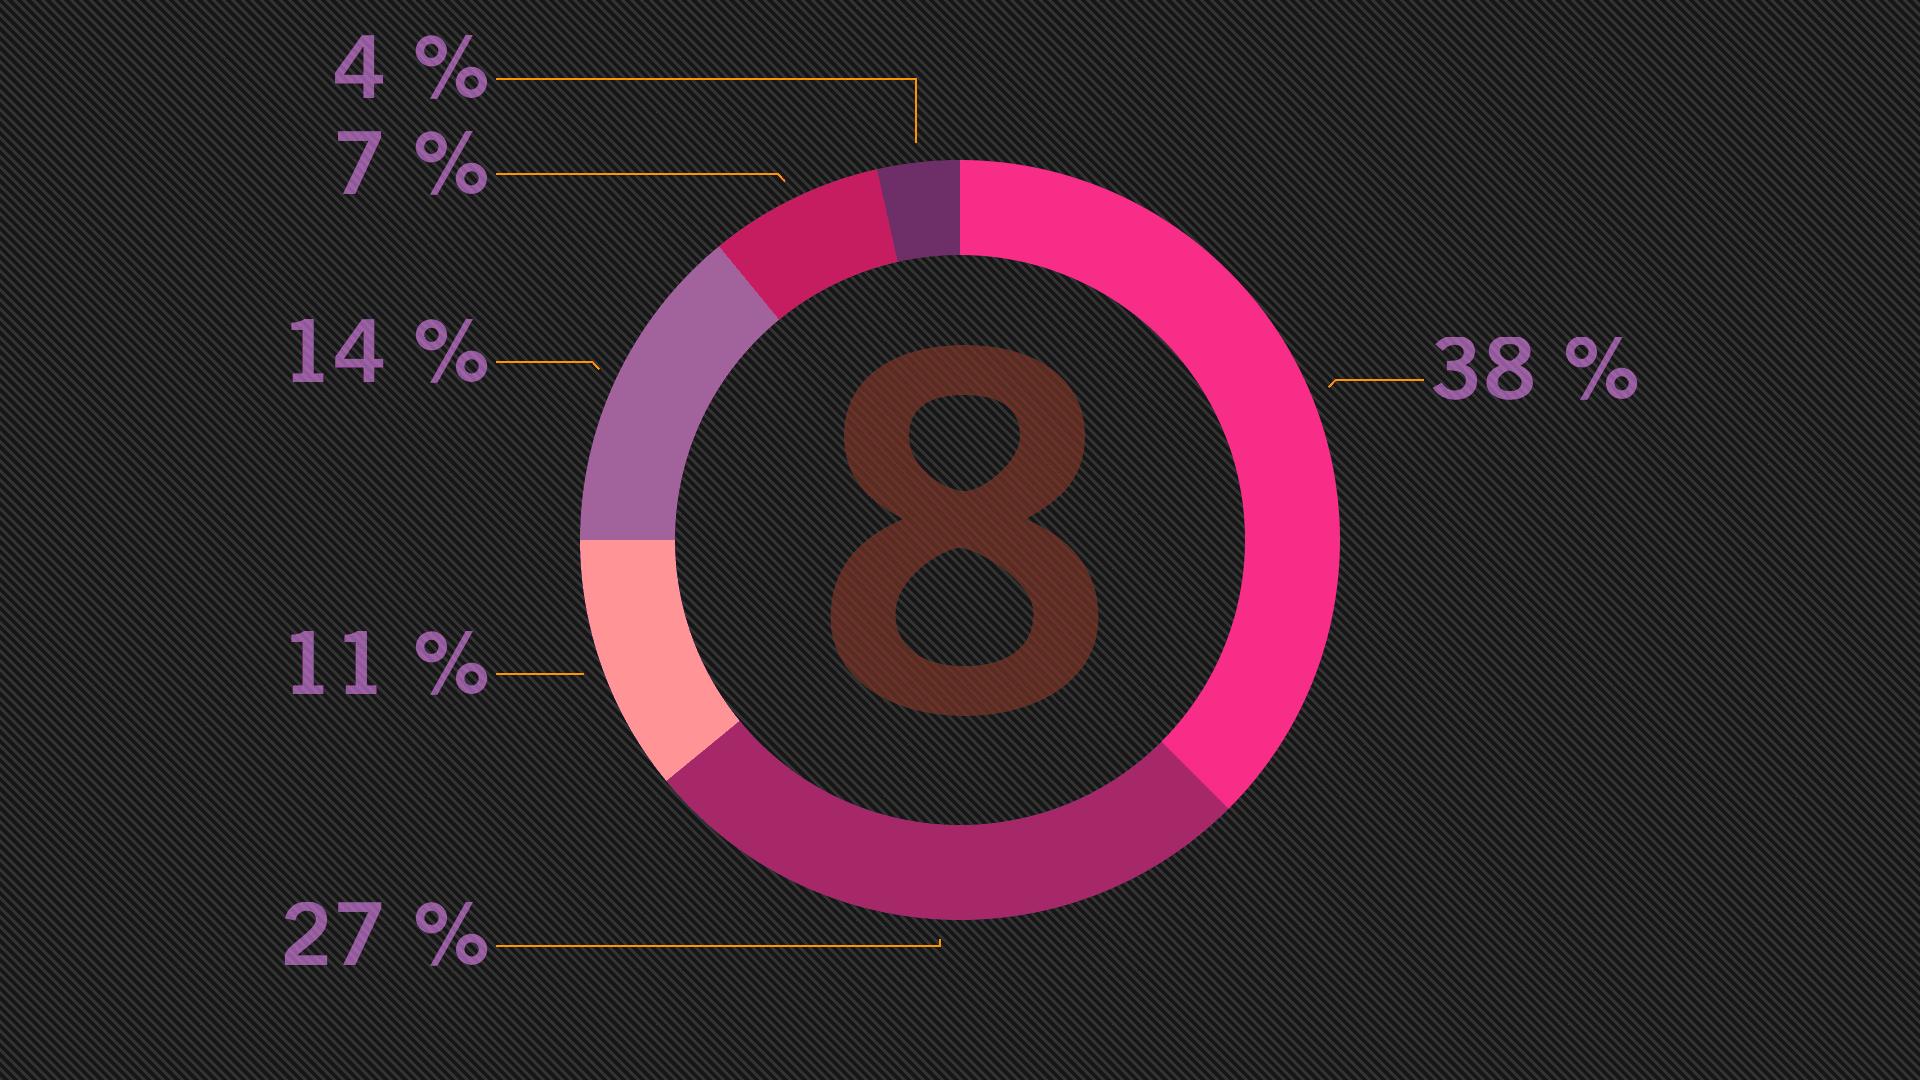 Ett färgglatt munkdiagram med olika procentsatser som illustrerar nyheterna i Apple Keynote version 8.0?